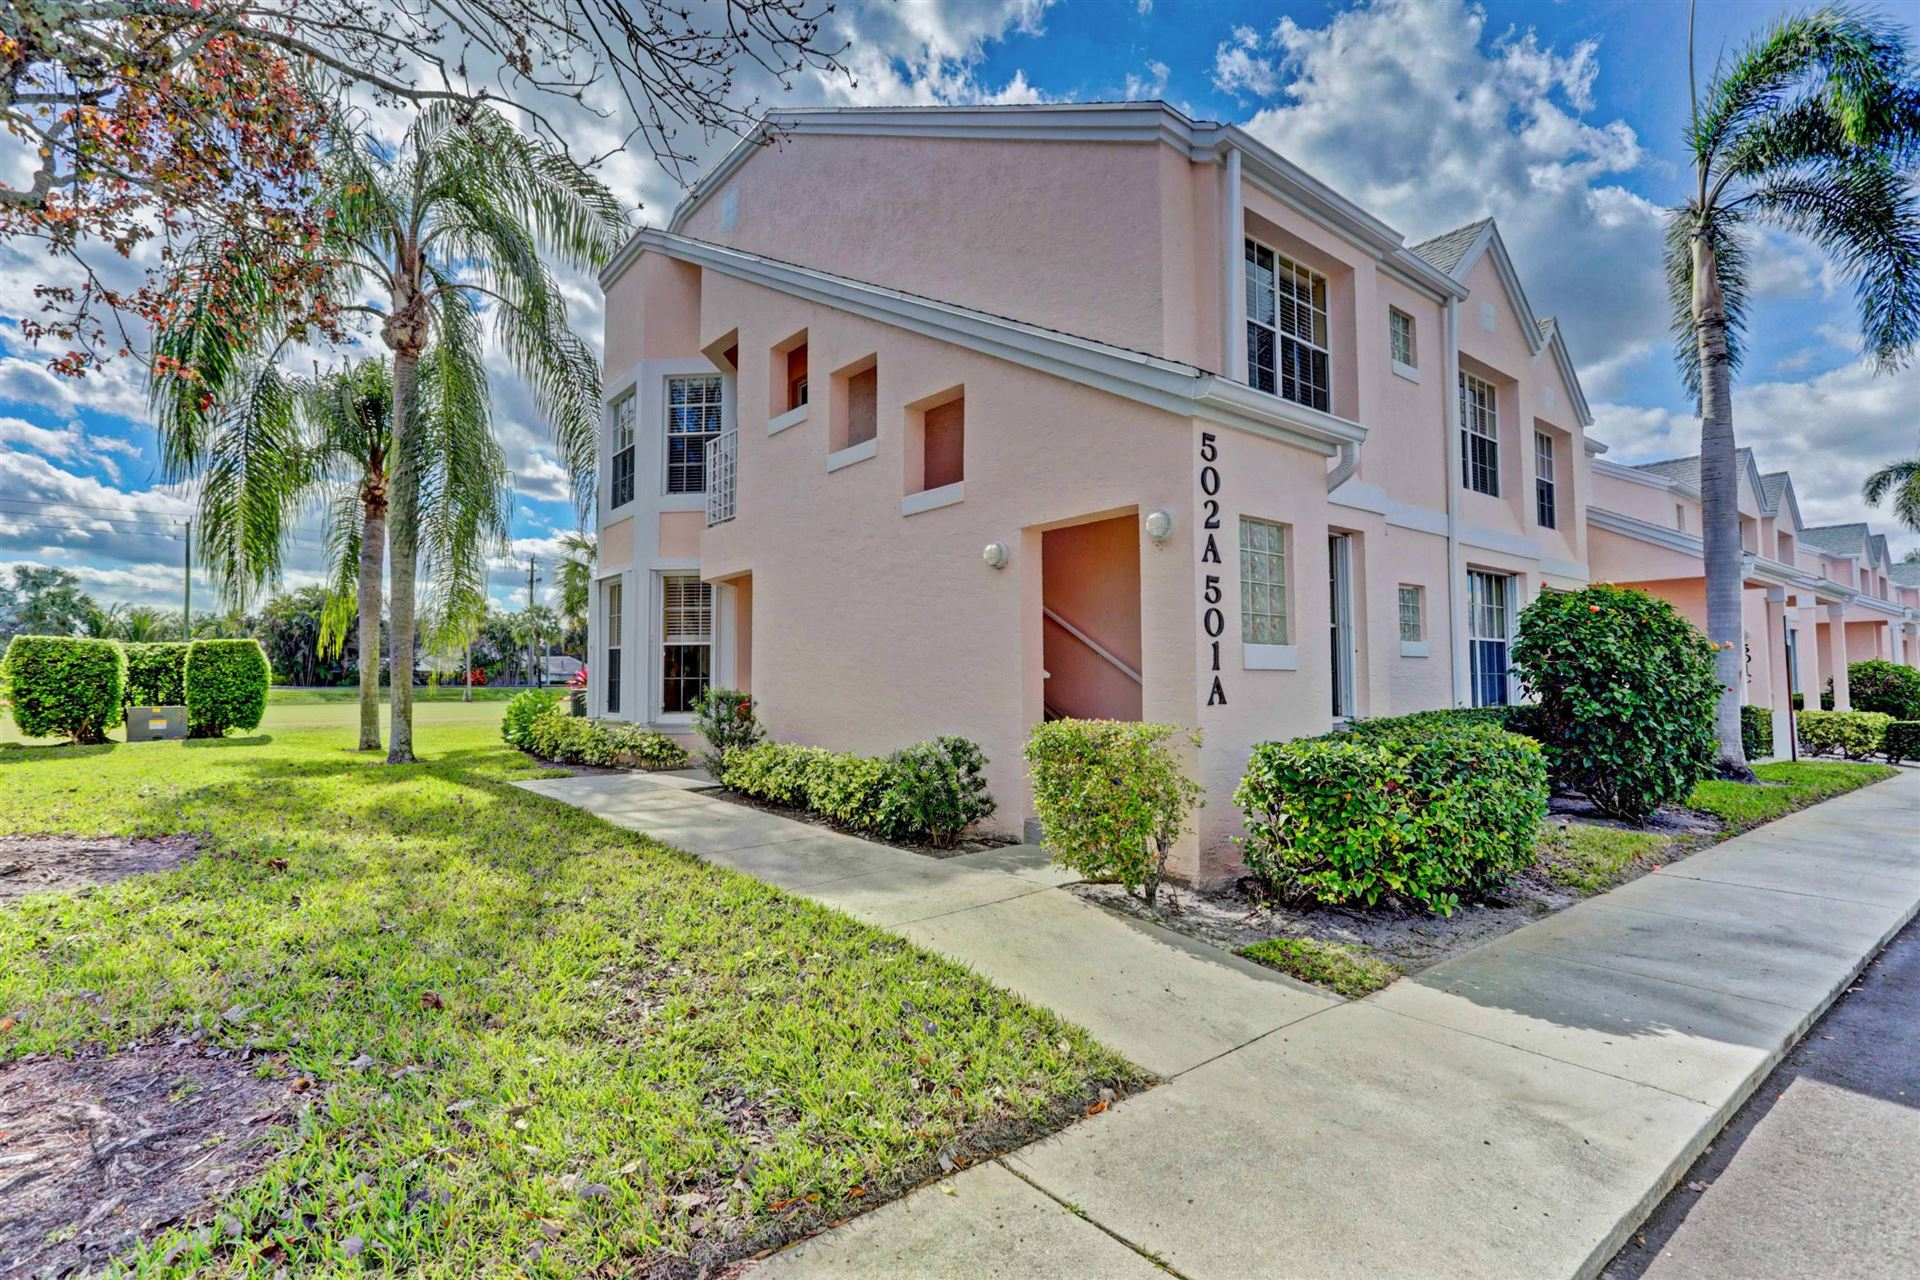 Photo of 502 Muirfield Court #502-A, Jupiter, FL 33458 (MLS # RX-10685253)